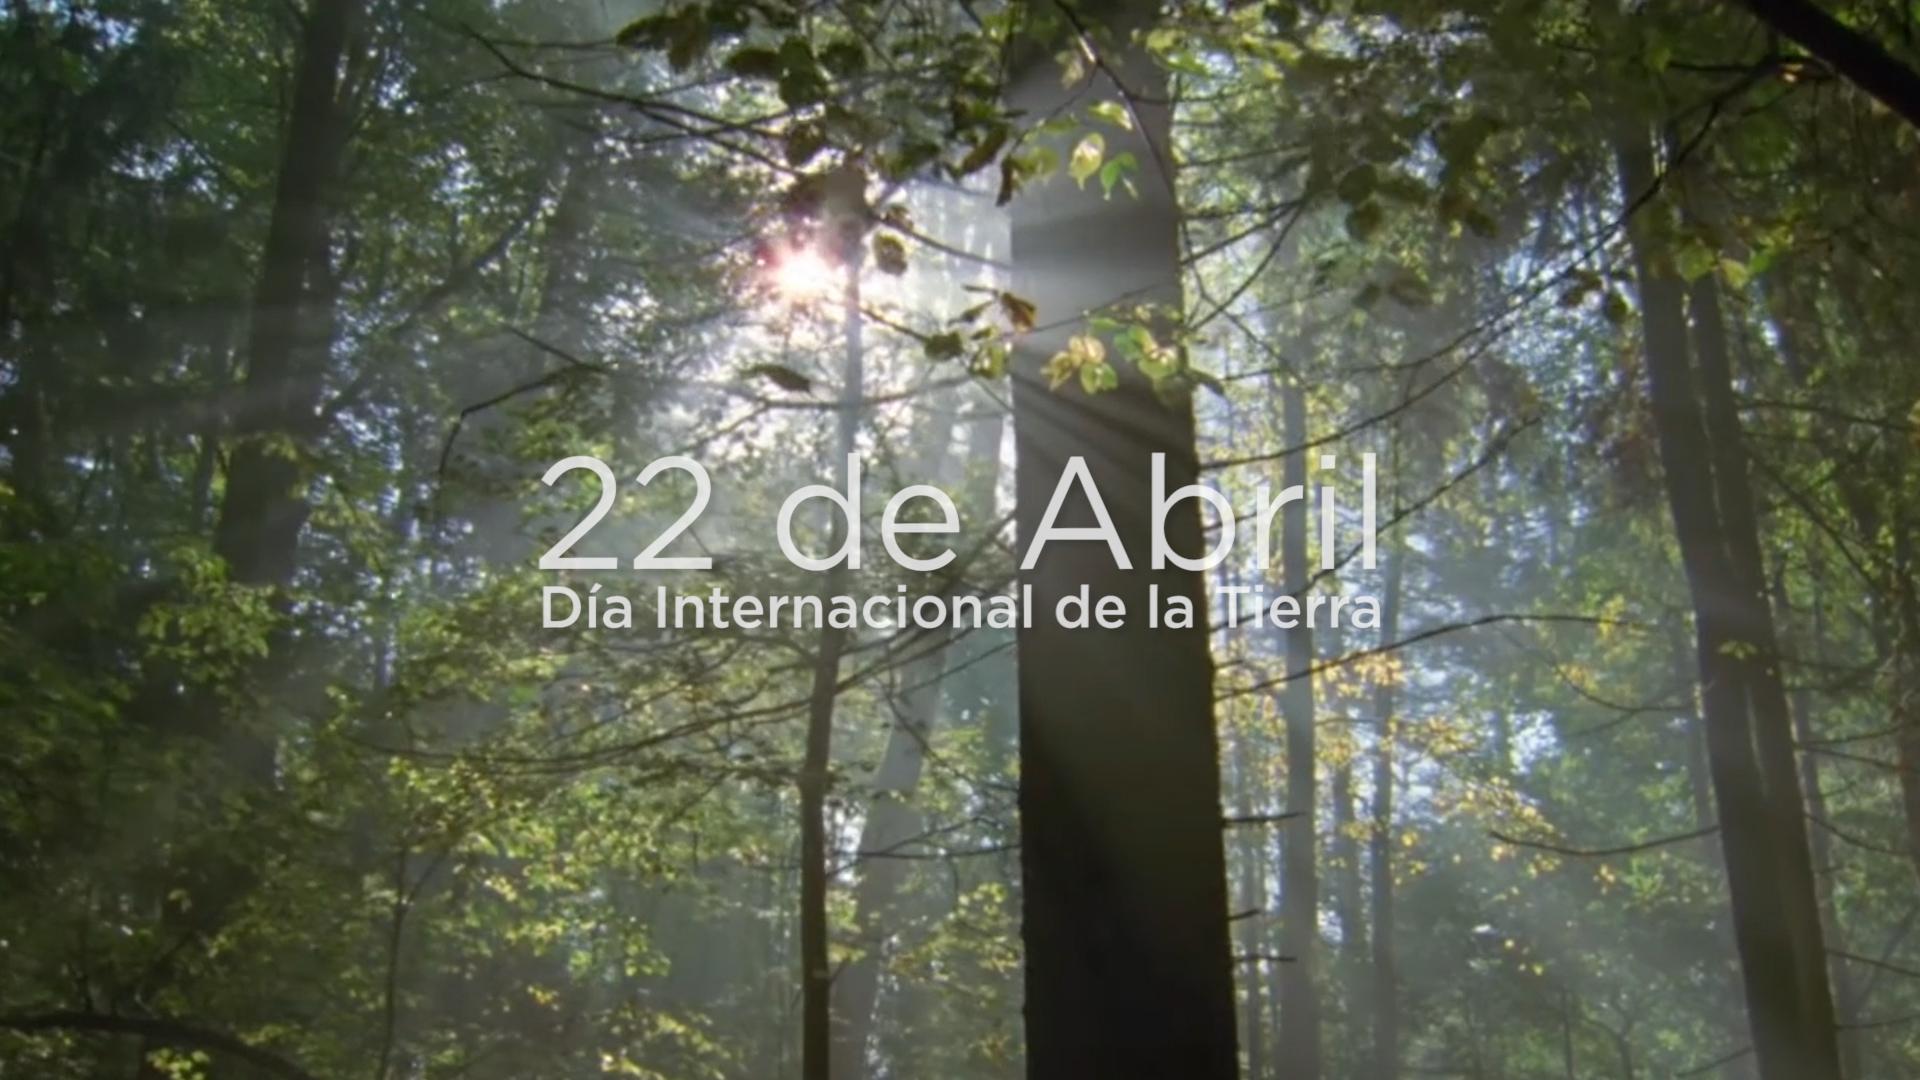 22 de abril 2020, un Día de la Tierra para recordar